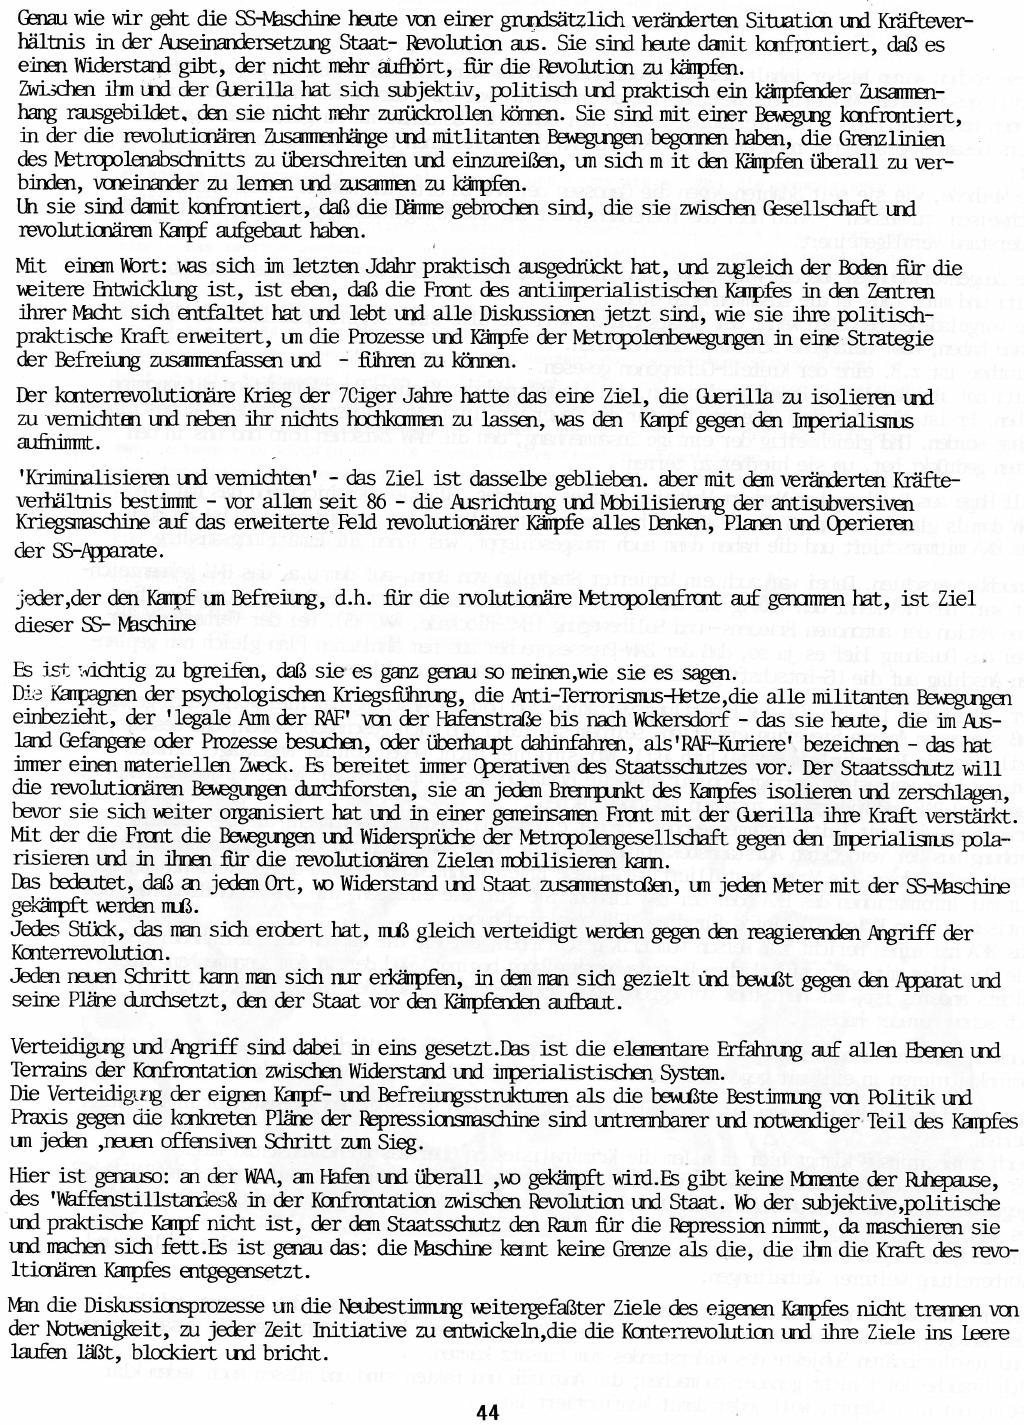 Duesseldorf_1989_Sechs_Politische_Gefangene_044